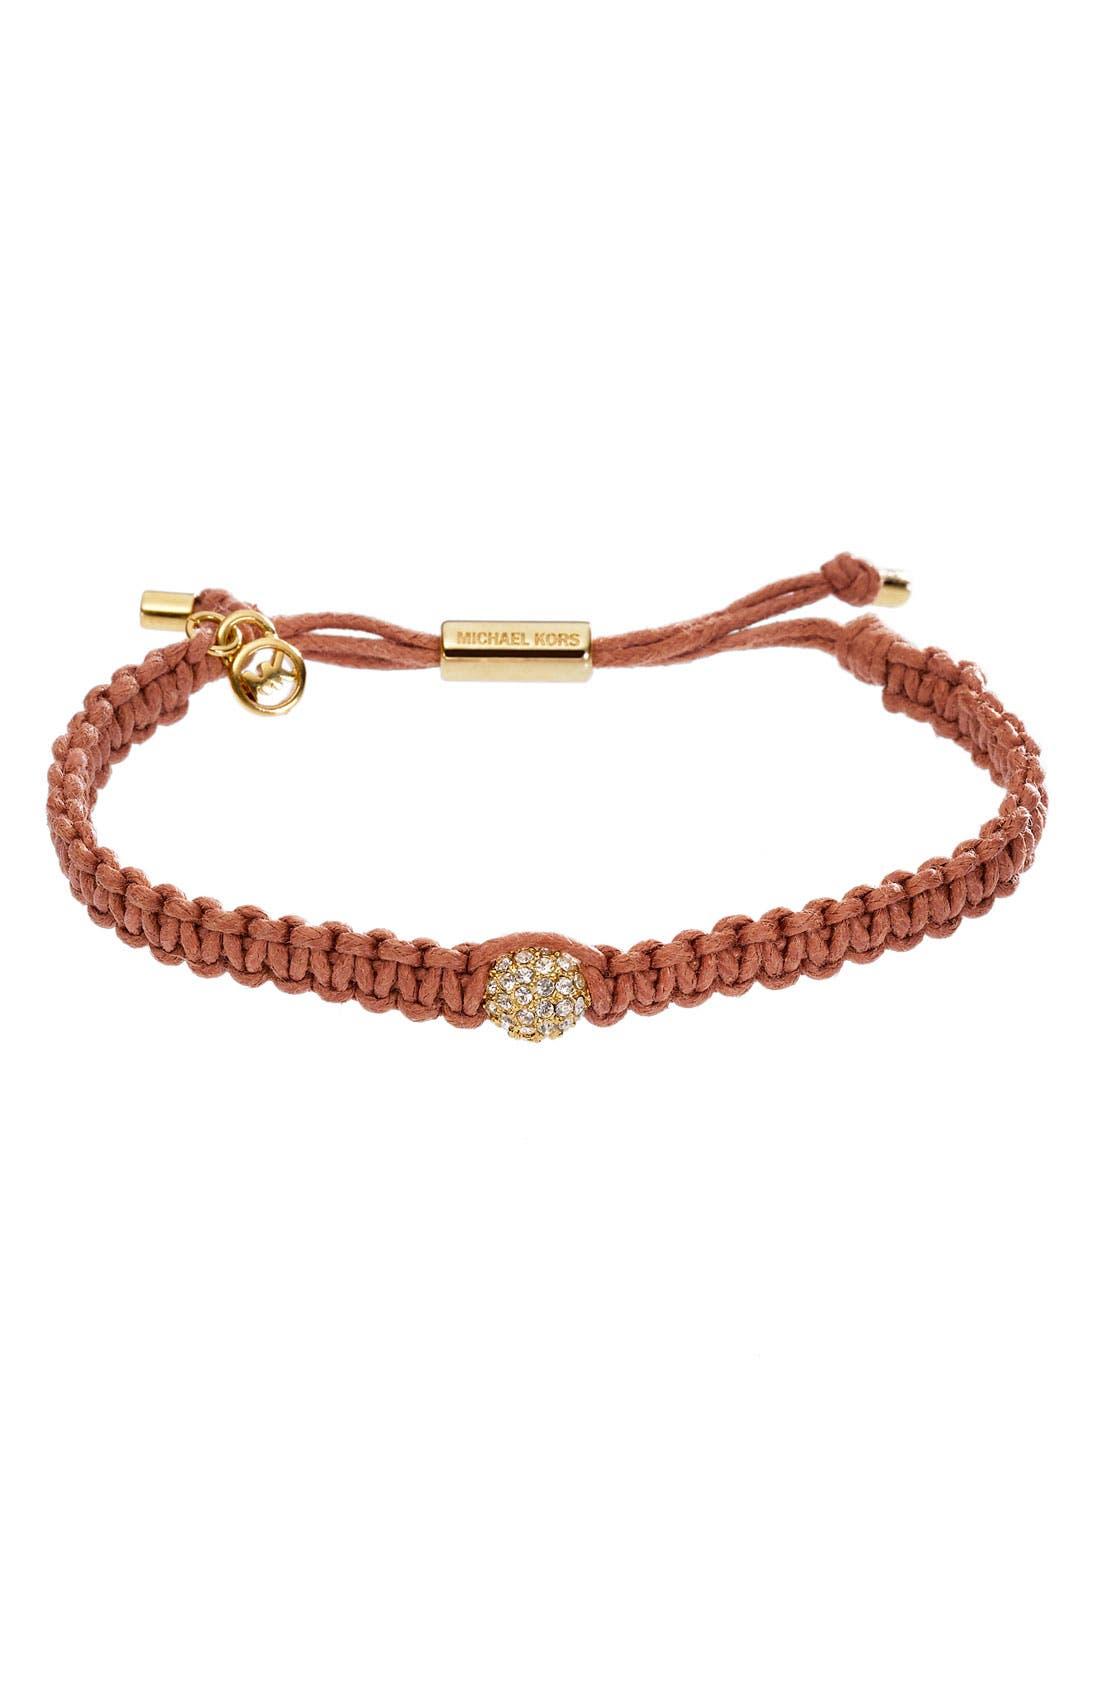 Main Image - Michael Kors 'Safari Glam' Adjustable Leather Cord Bracelet